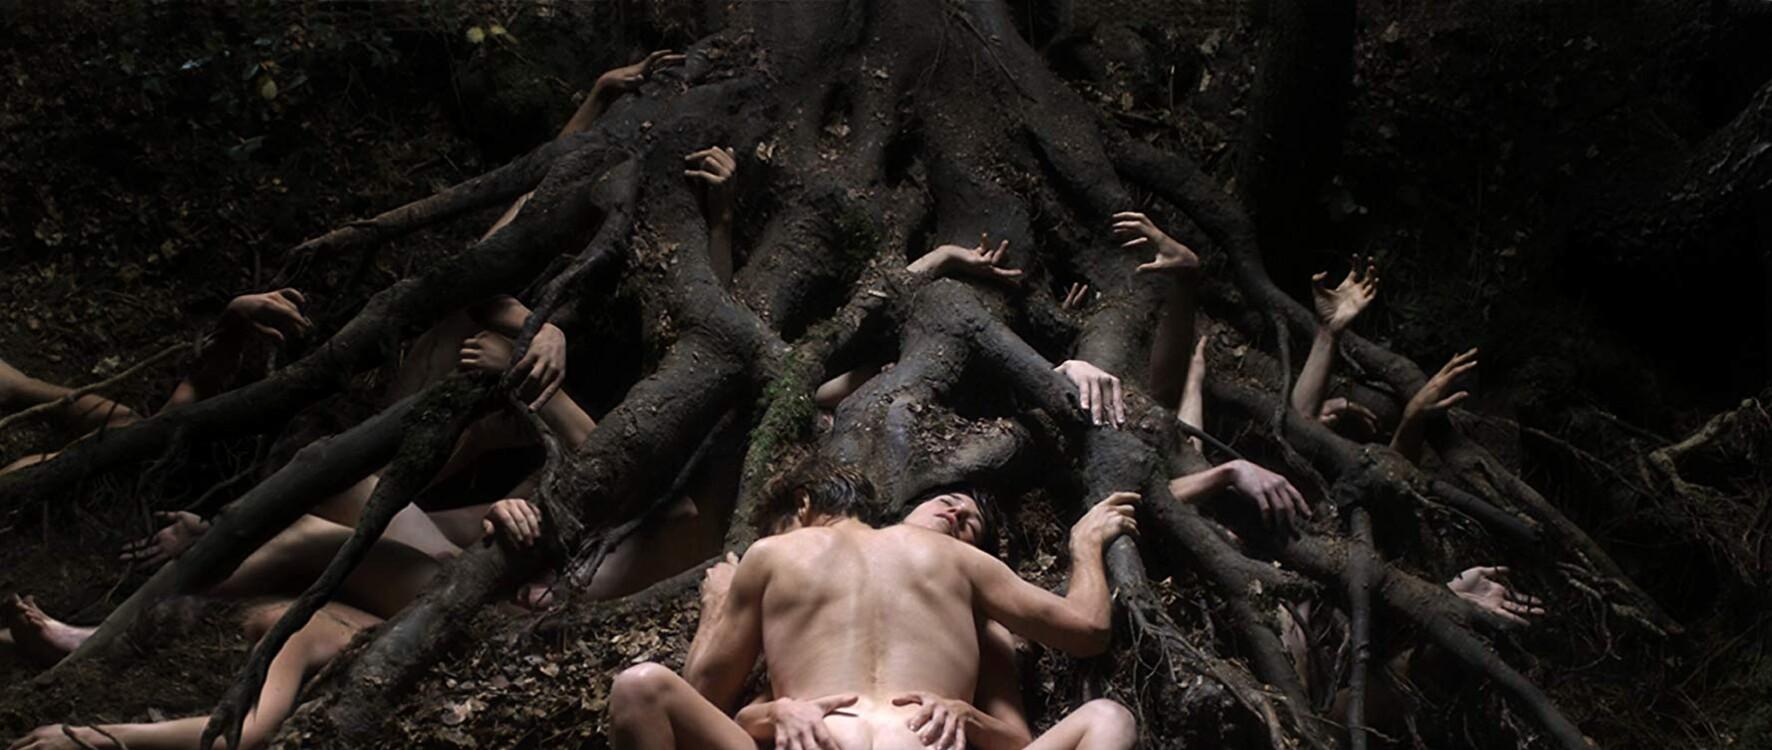 Кадр з фільму «Антихрист», 2009